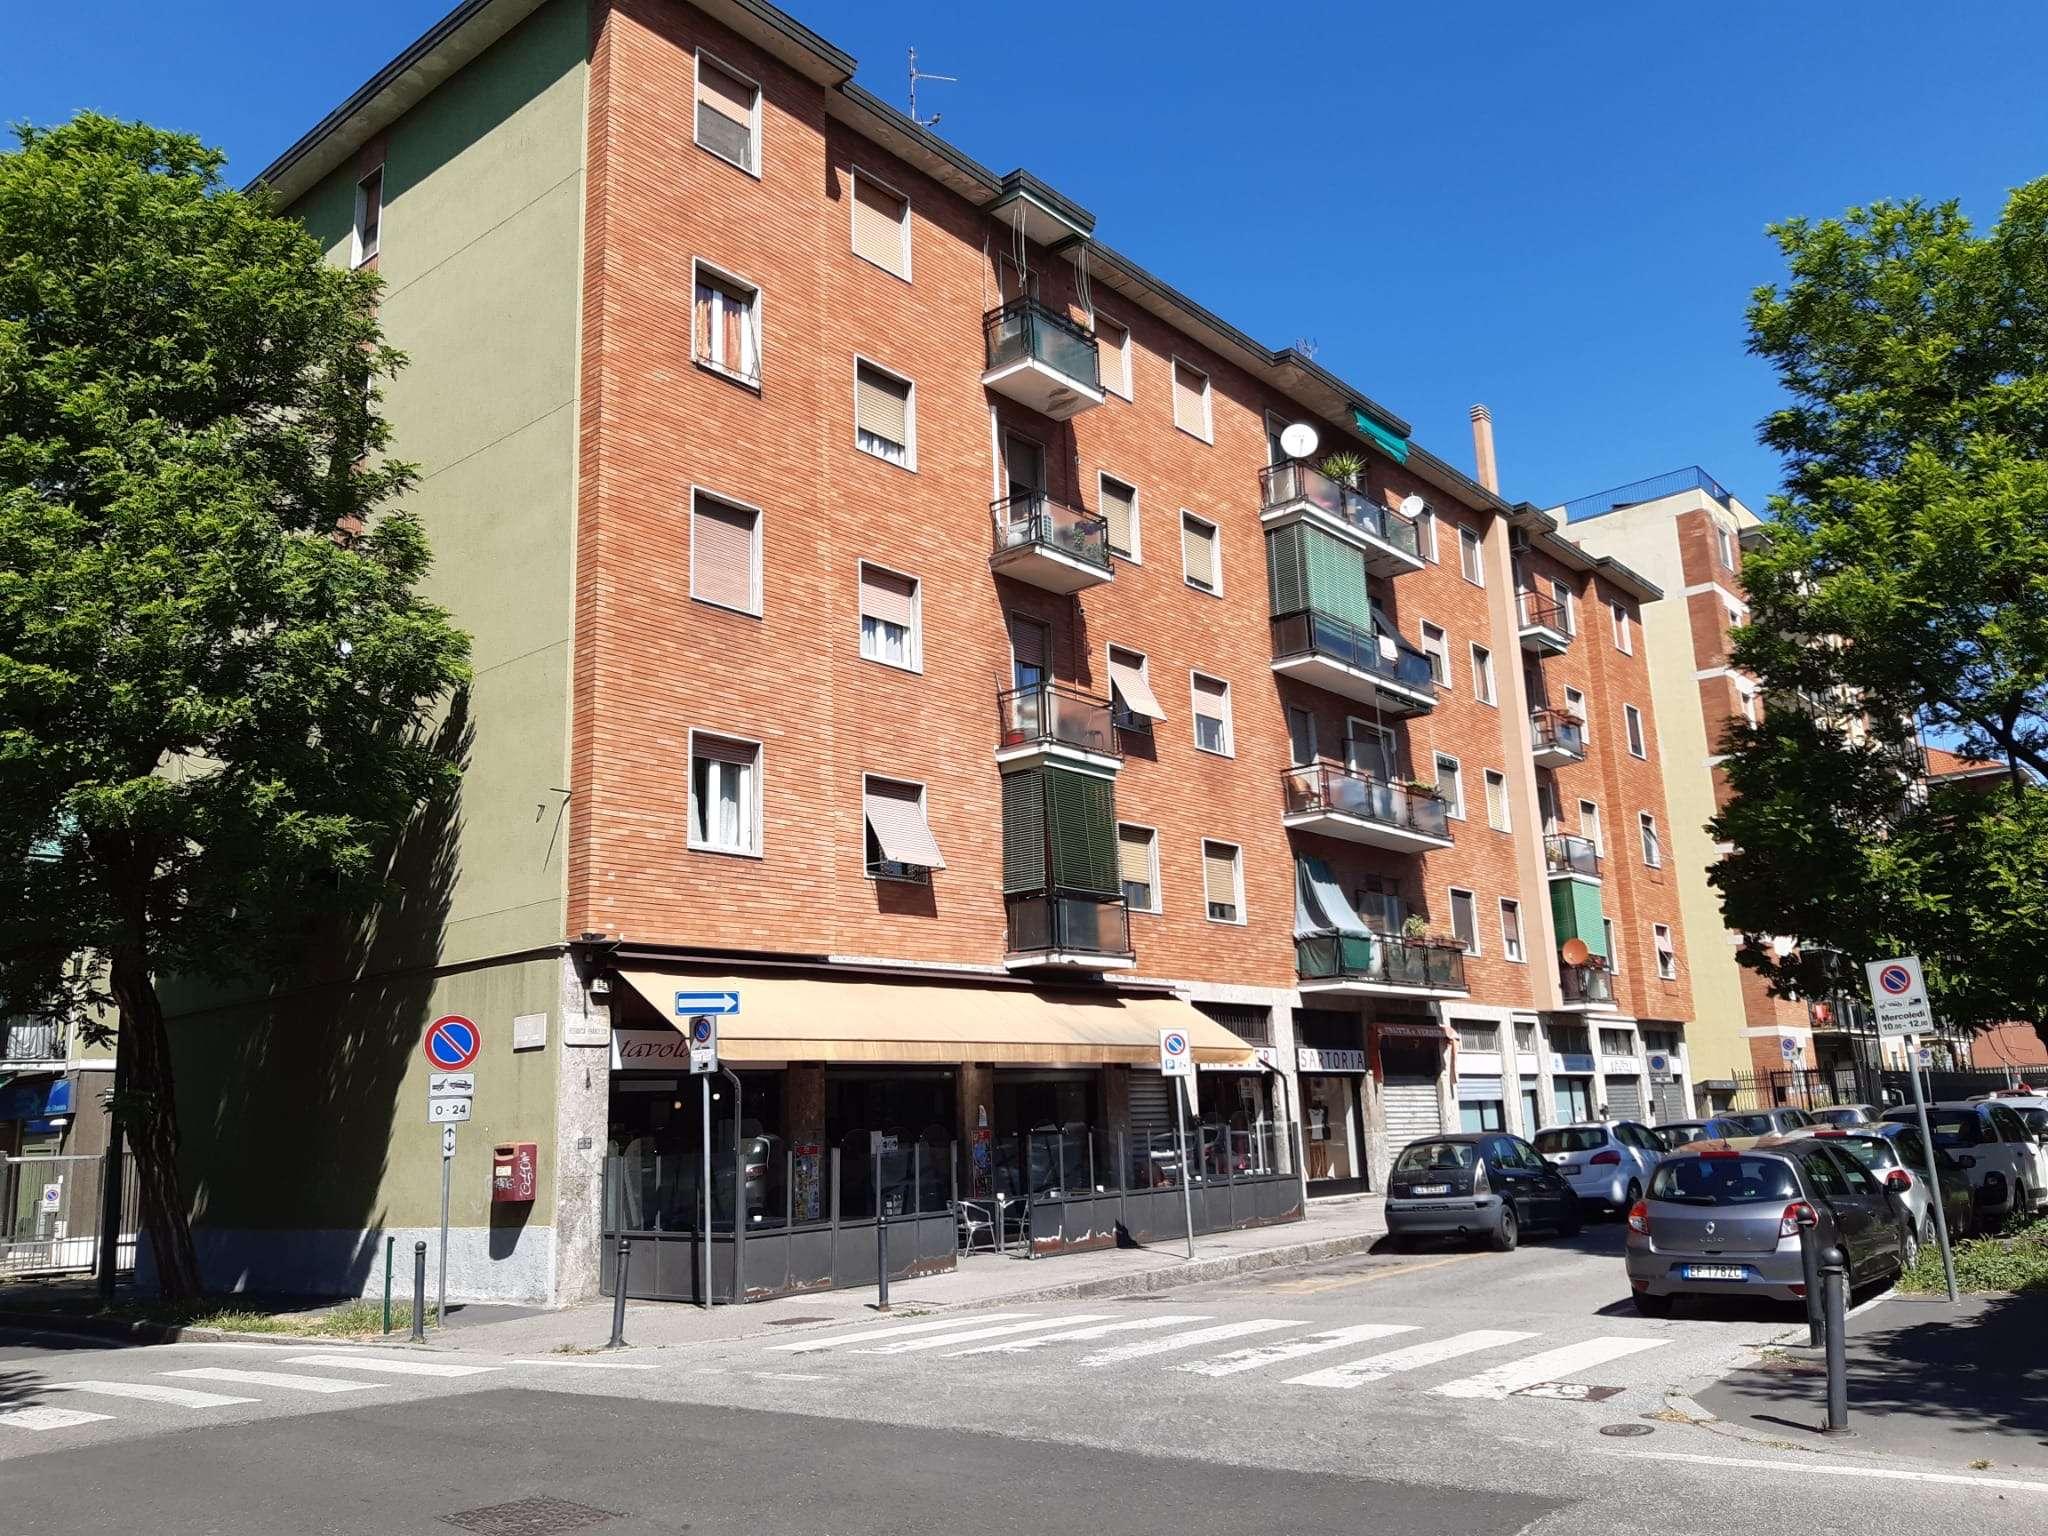 Appartamento in vendita a Cologno Monzese, 3 locali, prezzo € 138.000   CambioCasa.it